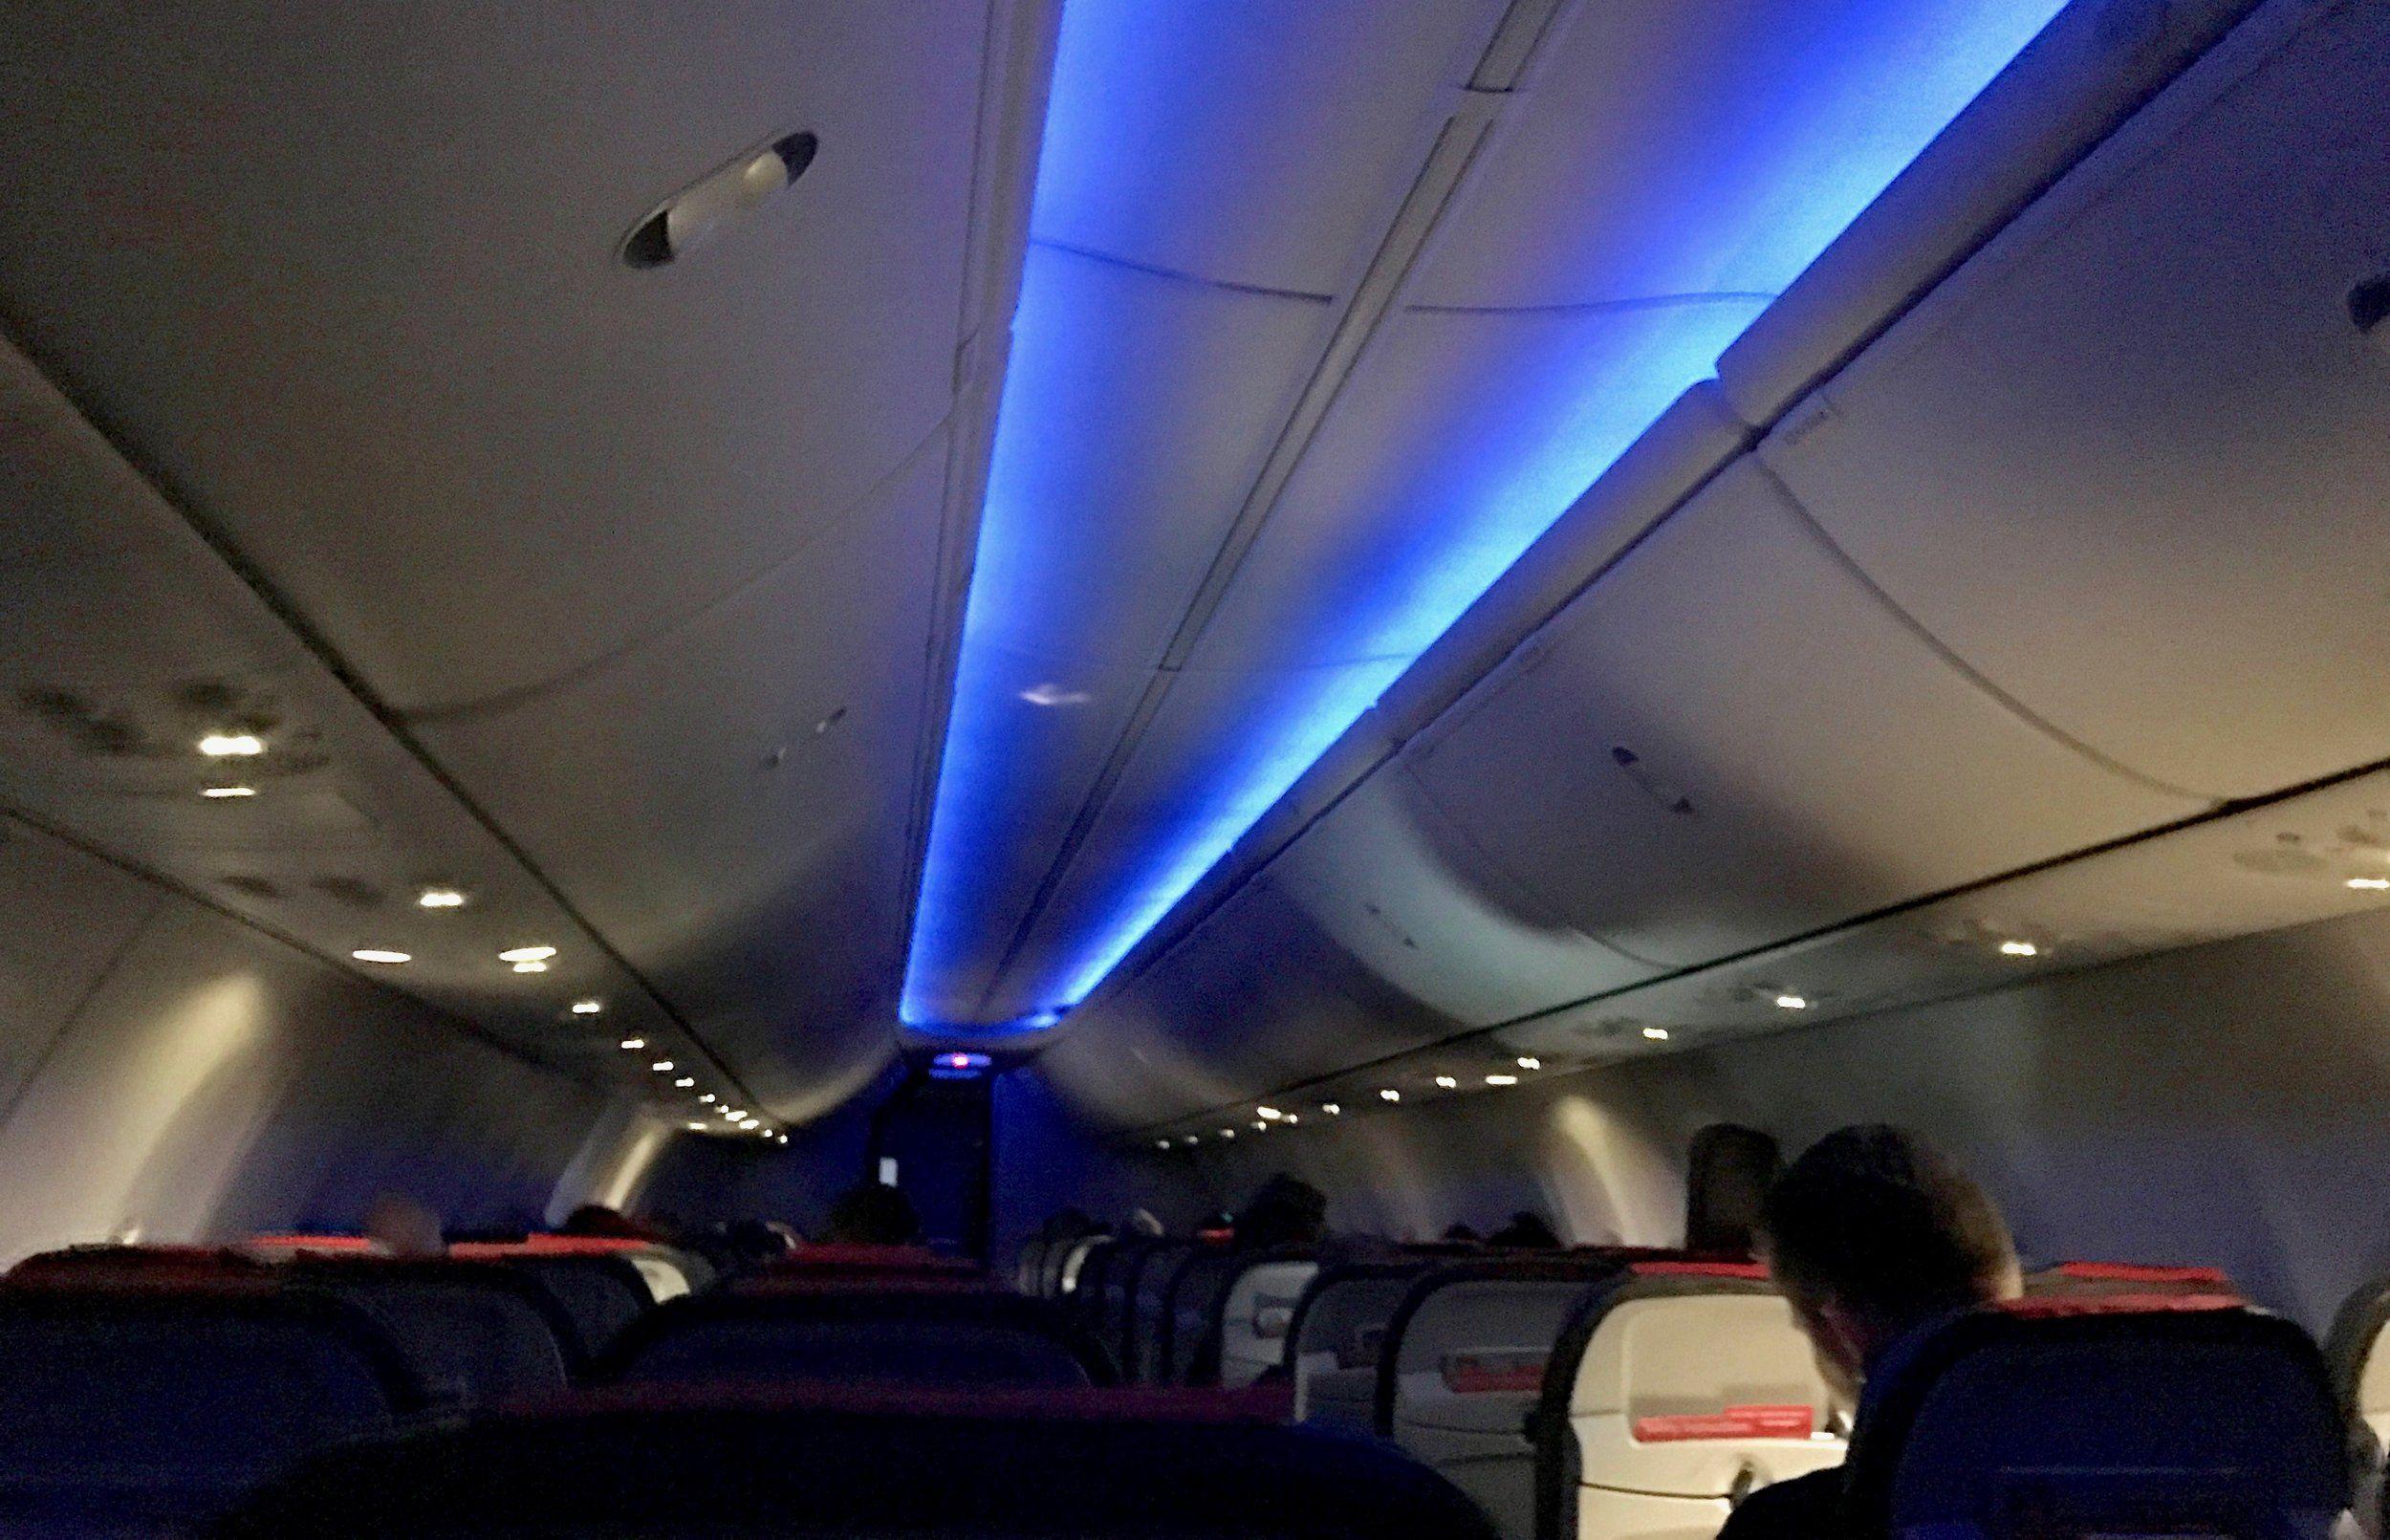 Derfor skrur de av kabinlyset n?r flyet landet Derfor dempes lyset i flyet f?r landing